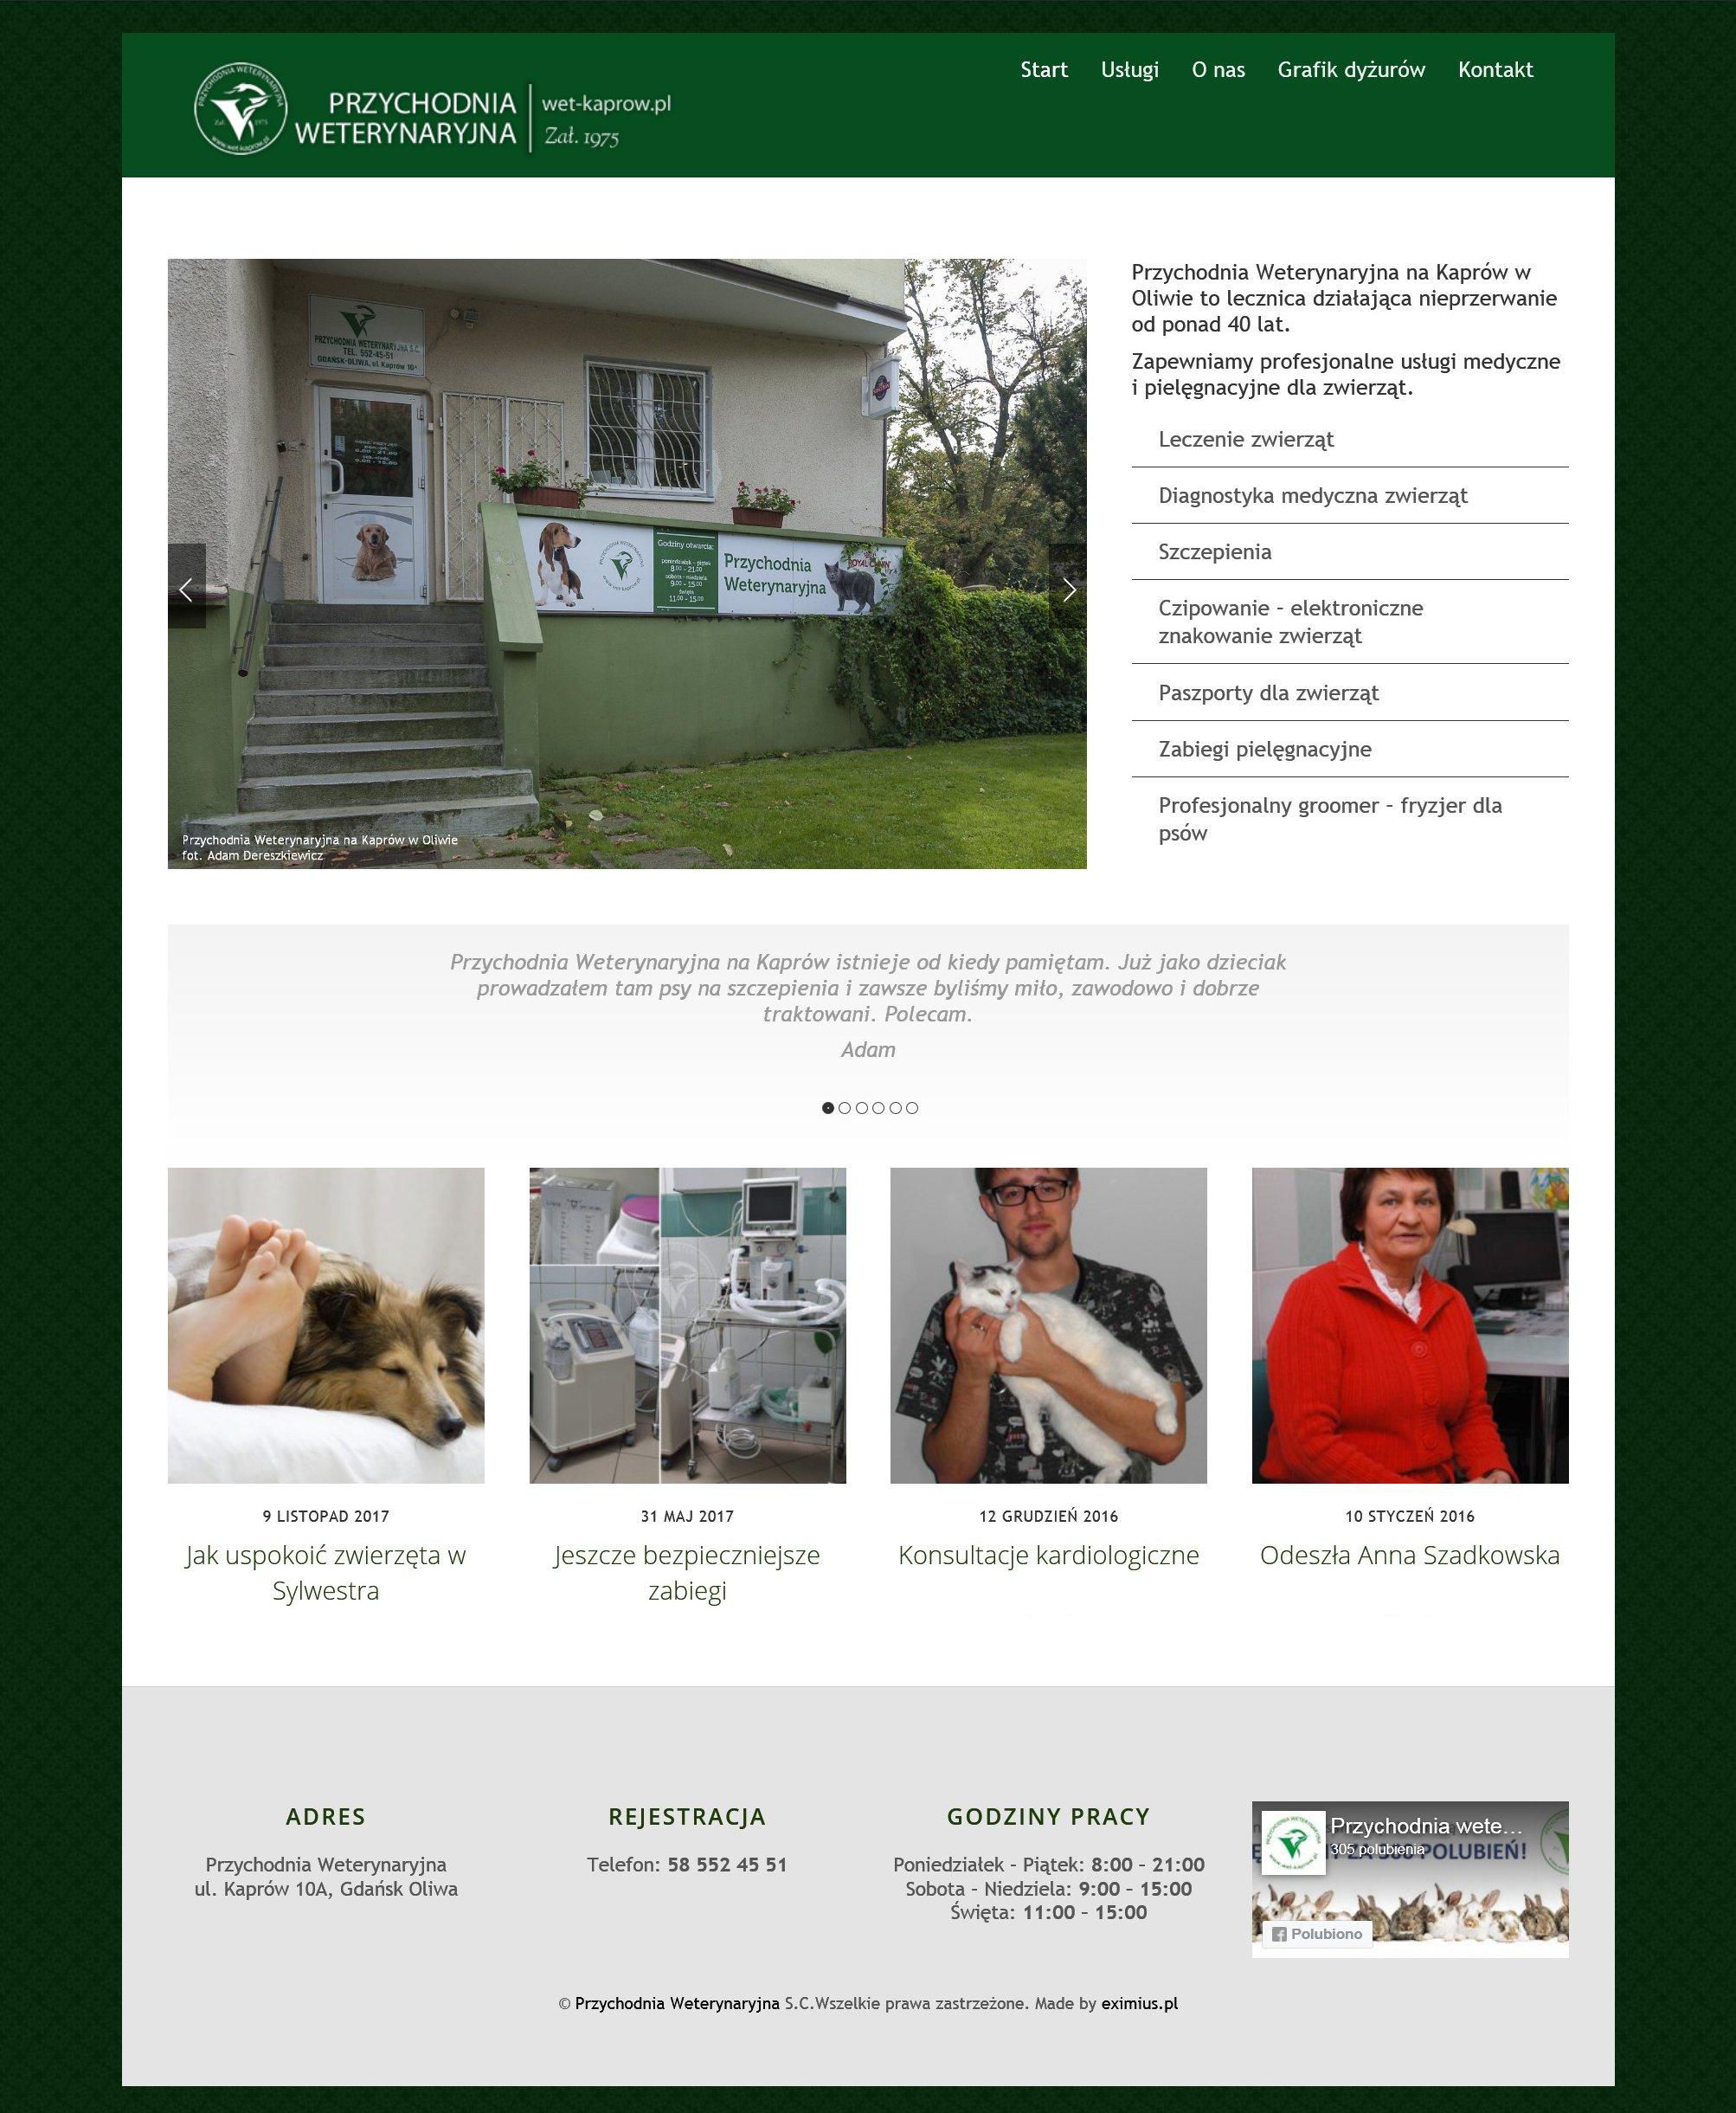 projektowanie-budowa-stron-internetowych-wordpress-responsywne-strony-www_przychodnia-weterynaryjna